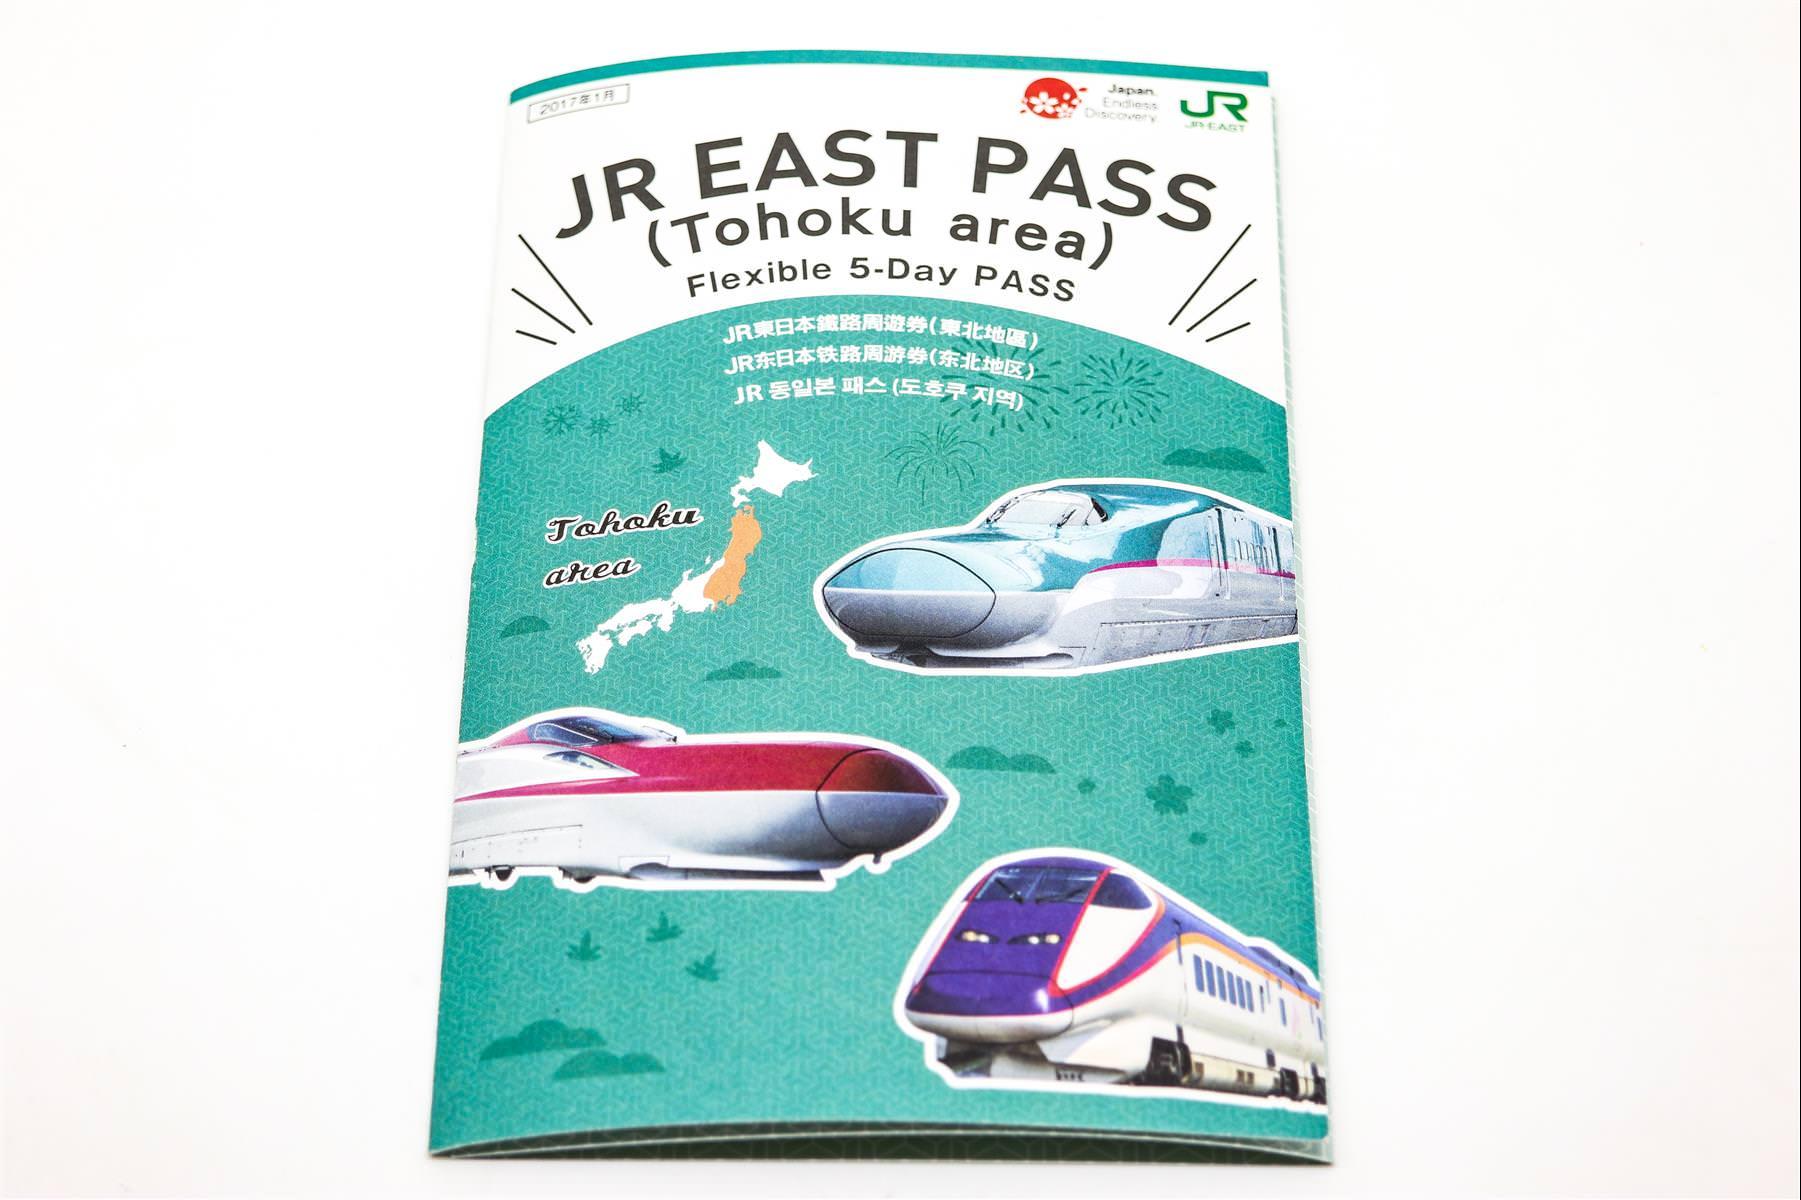 JR EAST PASS